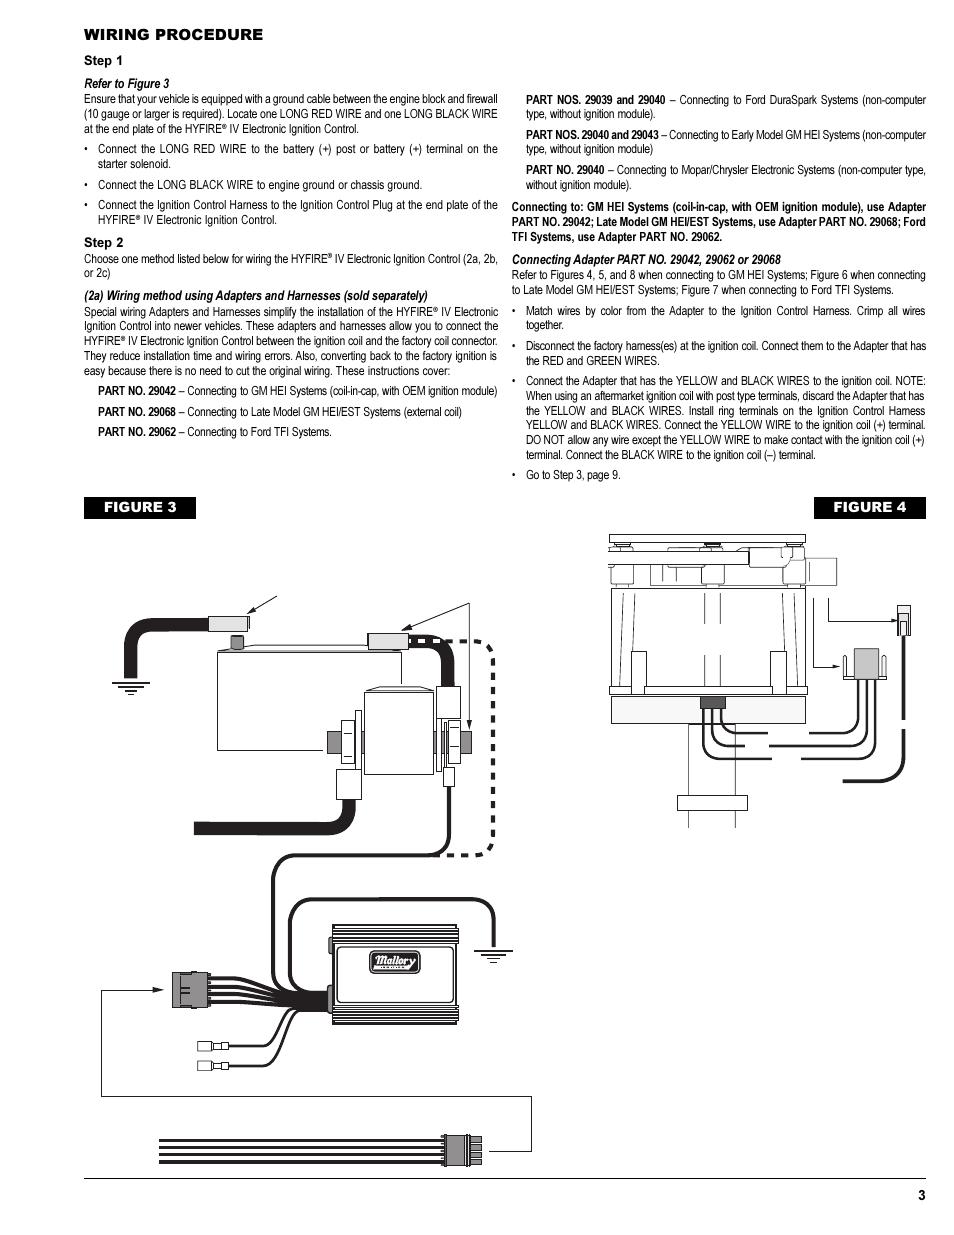 1979 Jeep Cj7 Wiring Diagram Diagram – Jeep Cj7 Engine Diagram